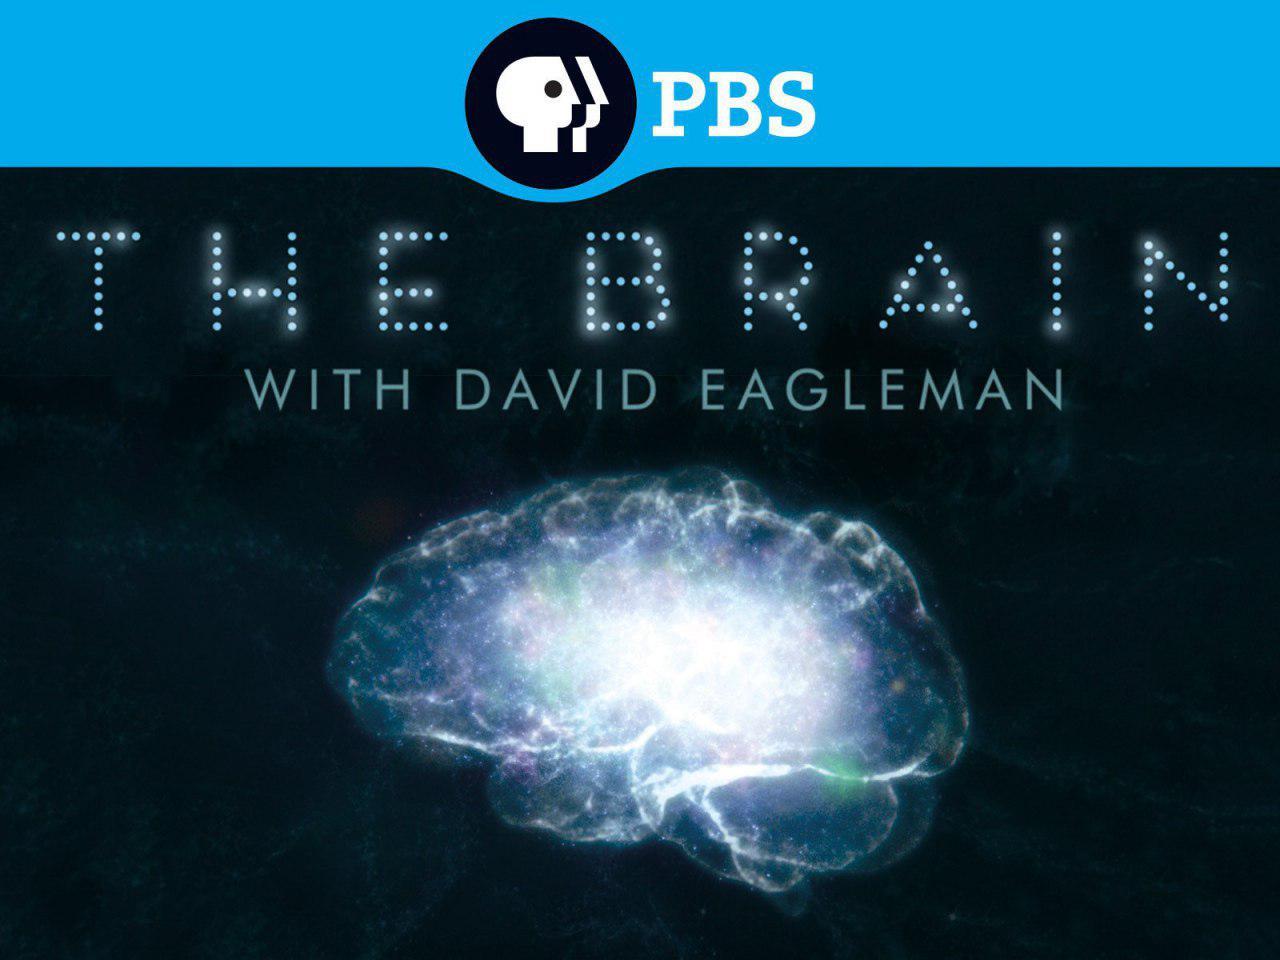 مجموعه جذاب «داستان مغز با دیوید ایگلمن» برای اولین بار در قاب شبکه چهار